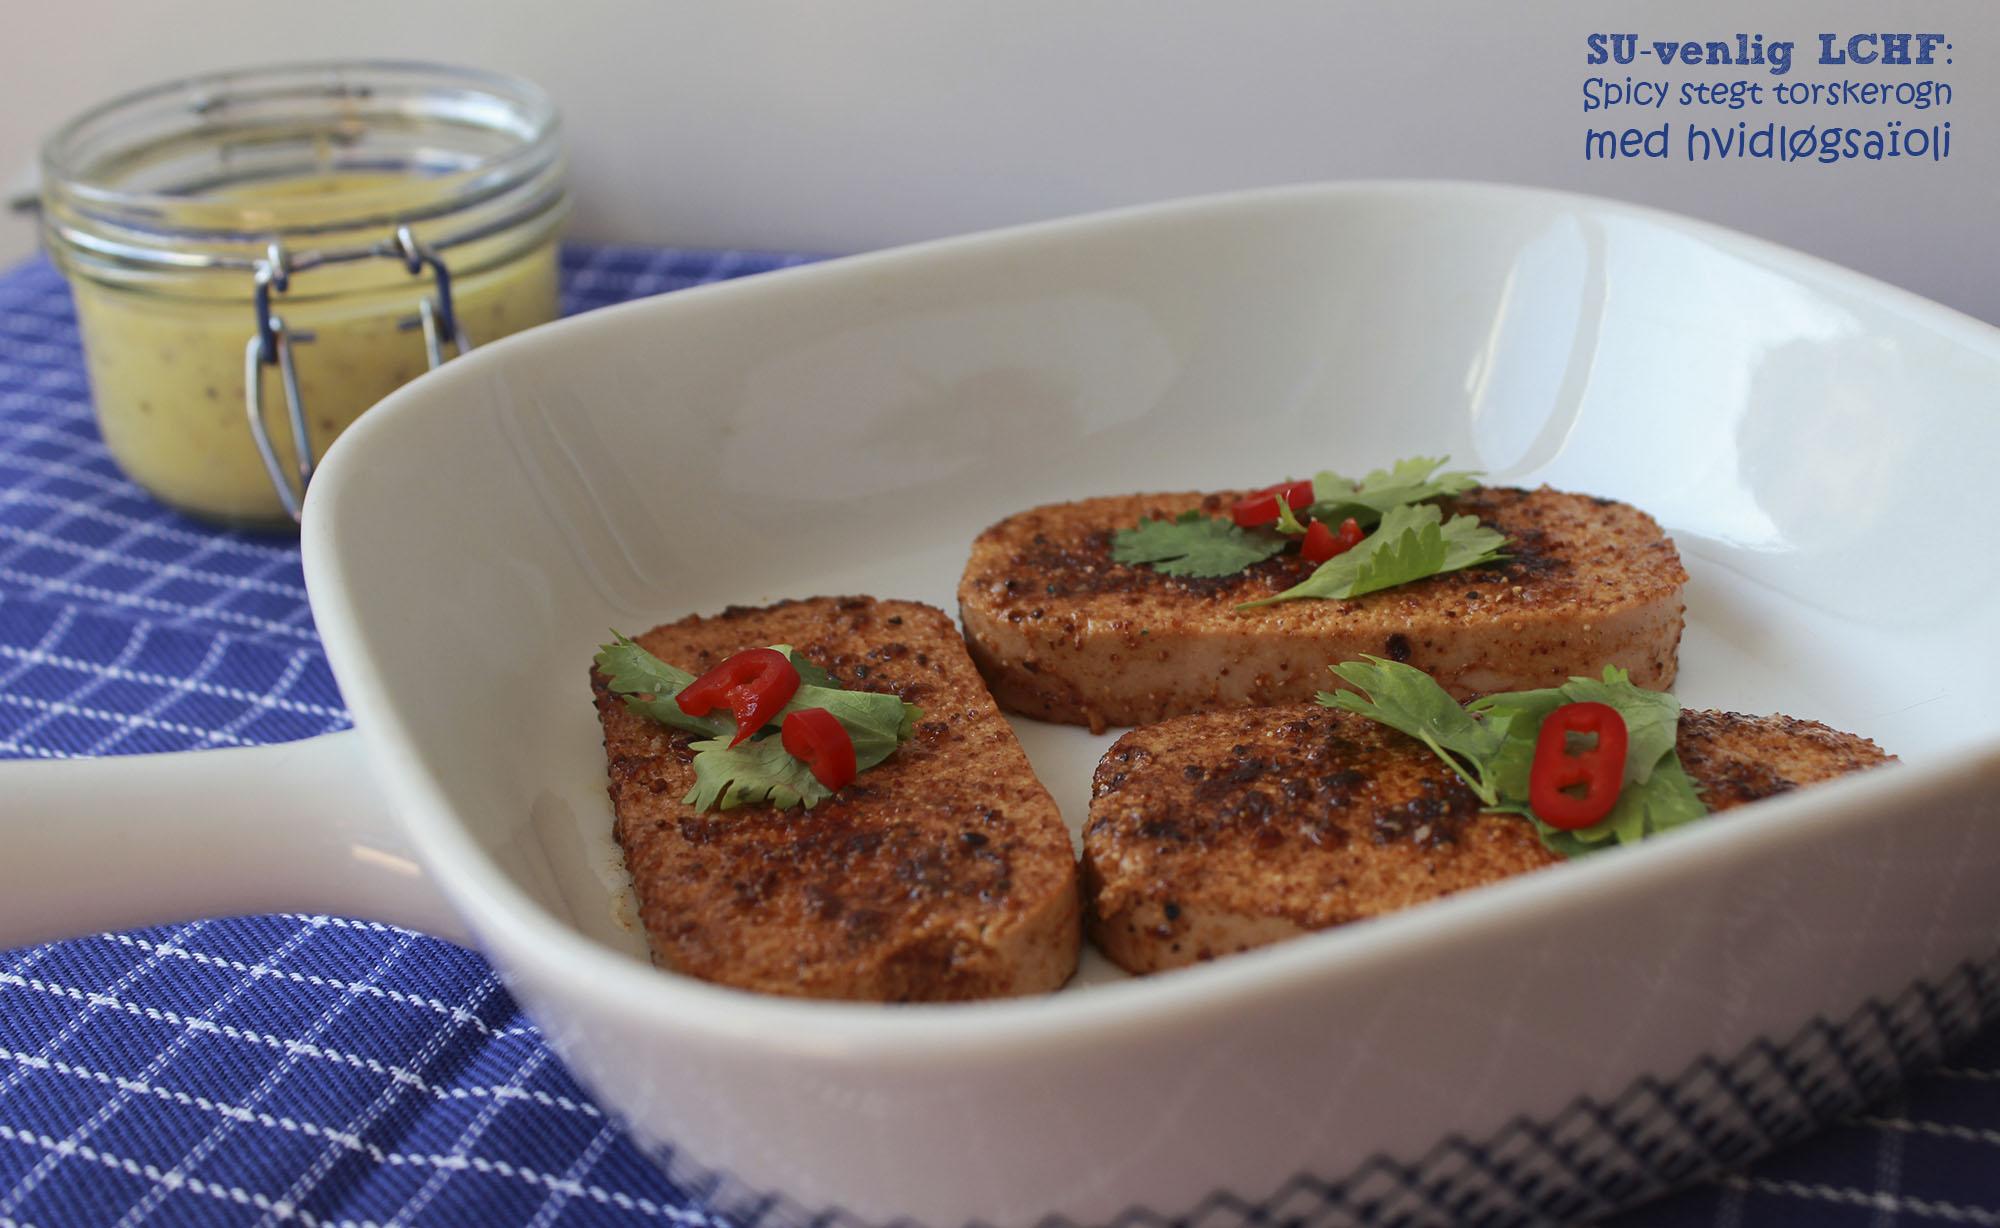 SU-venlig LCHF: Spicy stegt torskerogn med hvidløgsaïoli